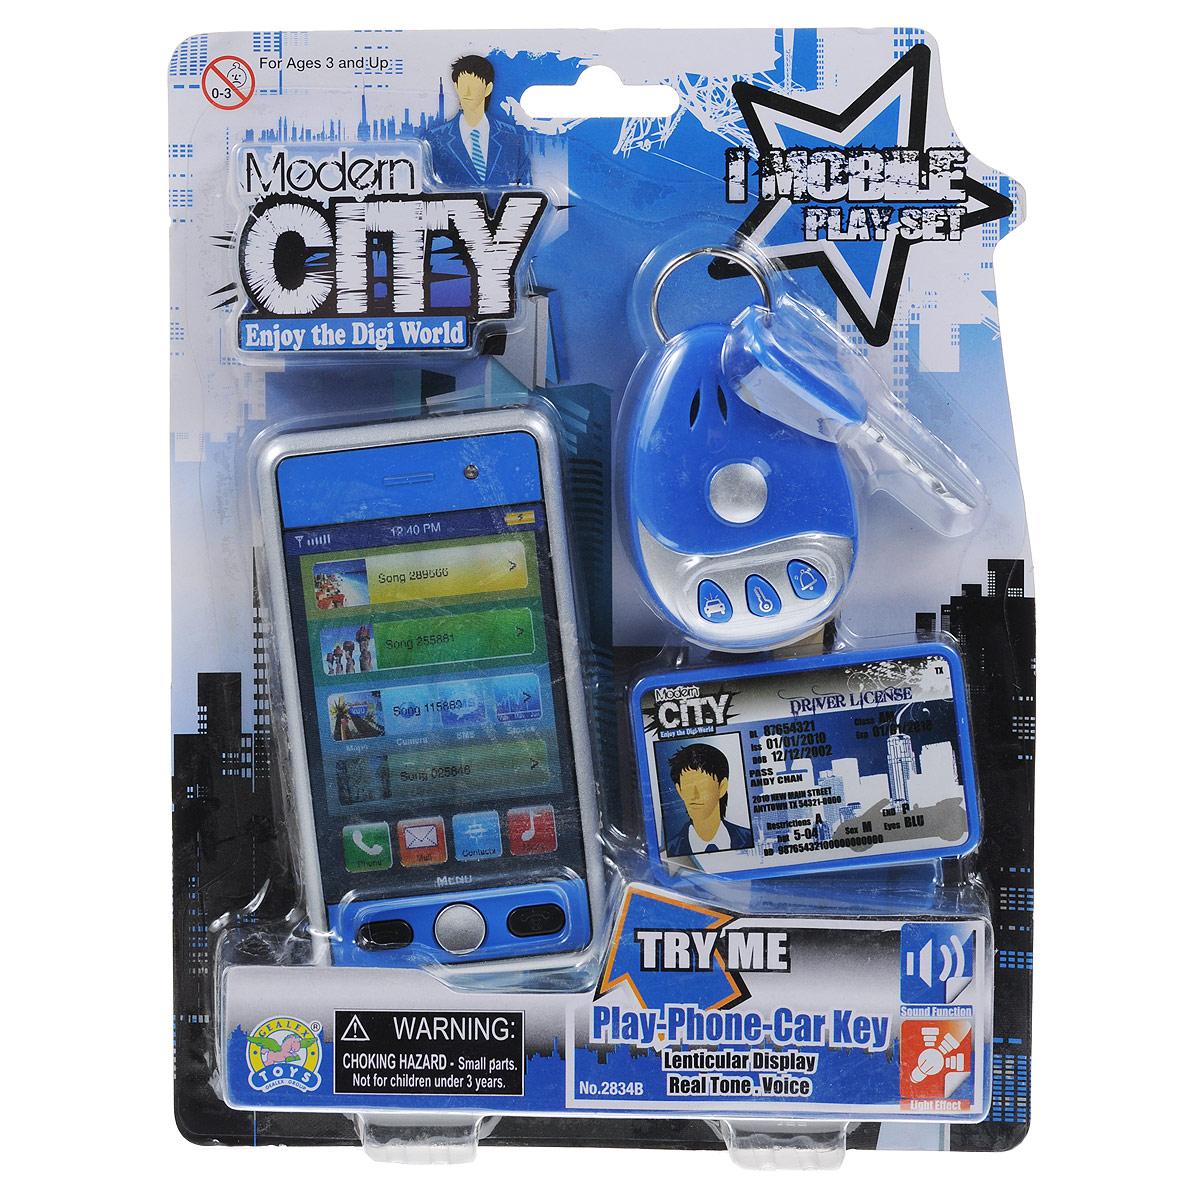 Игровой набор Modern City, цвет: синий2834B синийИгровой набор Modern City понравится любому мальчишке, мечтающему о машине! Он включает телефон с экраном, меняющим картинку, водительское удостоверение и кольцо с пультом управления сигнализацией и ключом от машины. Телефон оборудован тремя кнопками, при нажатии на которые ребенок услышит звуки камеры, вызова и его окончания. При воспроизведение мигает красная лампочка в верхней части телефона. На пульте управления сигнализацией находятся три кнопки, воспроизводящие звуки заводящегося мотора машины, включения/выключения сигнализации и сигнальной сирены. Ваш ребенок будет в восторге от такого подарка! Для работы телефона рекомендуется докупить 2 батарейки напряжением 1,5V типа АG13 (товар комплектуется демонстрационными). Для работы пульта управления сигнализацией рекомендуется докупить 2 батарейки напряжением 1,5V типа АG13 (товар комплектуется демонстрационными).